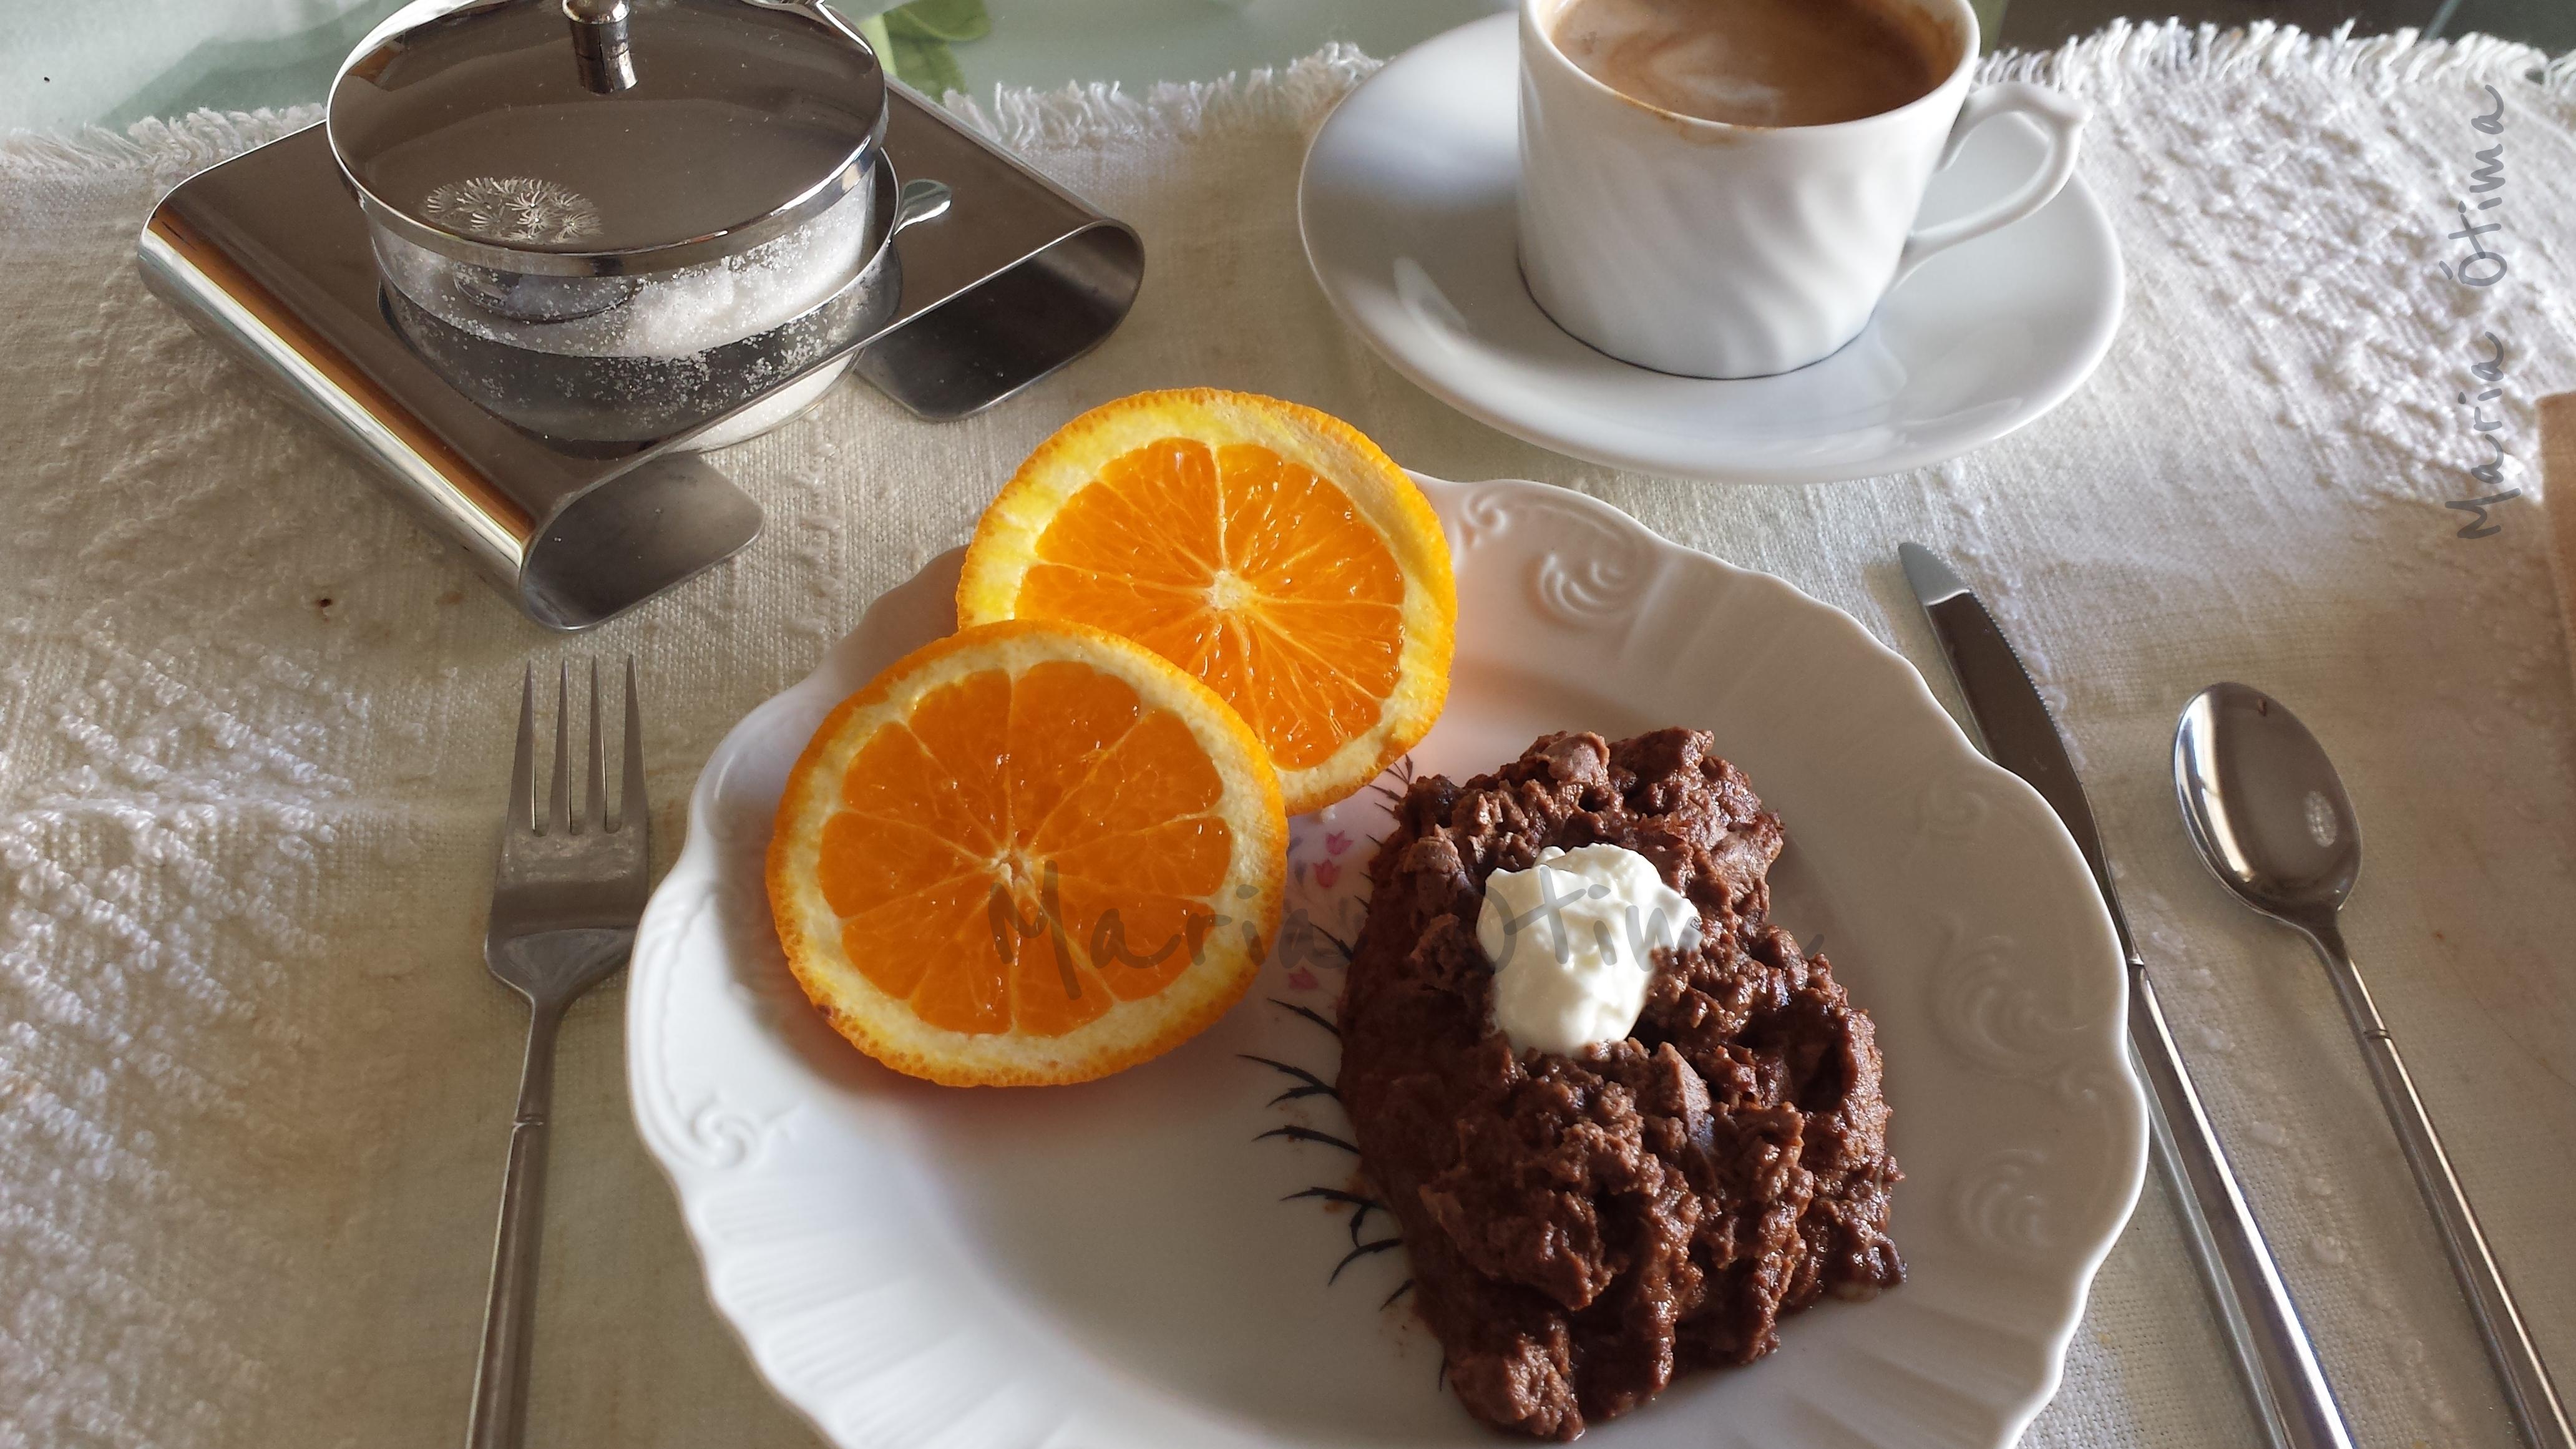 Ovos mexidos com chocolate